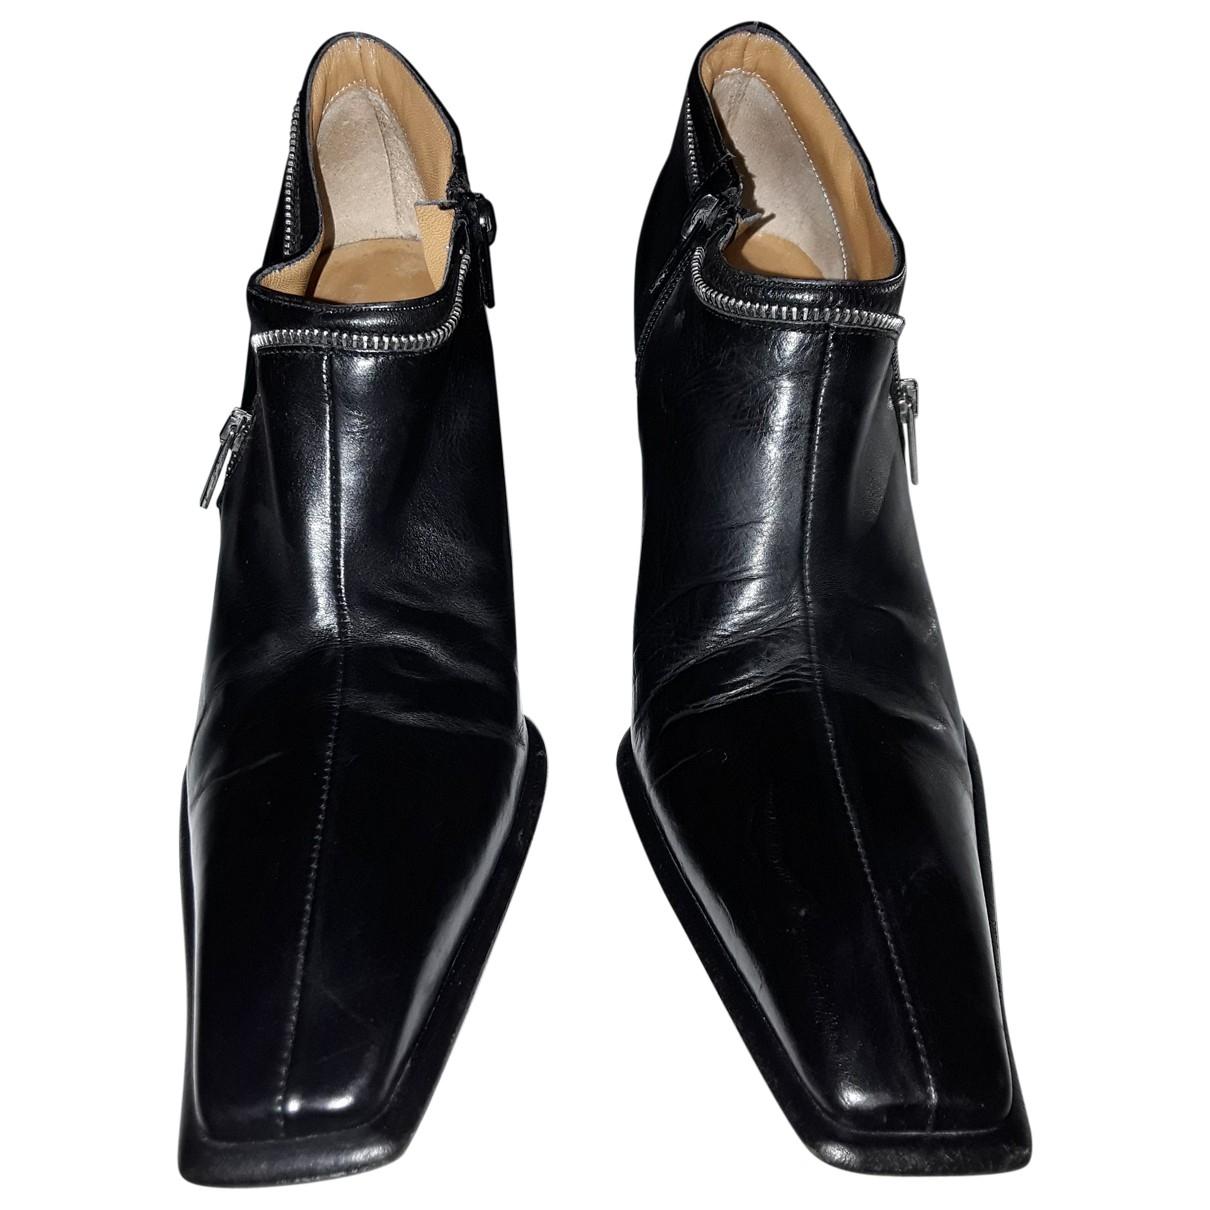 Venise Collection - Boots   pour femme en cuir - noir